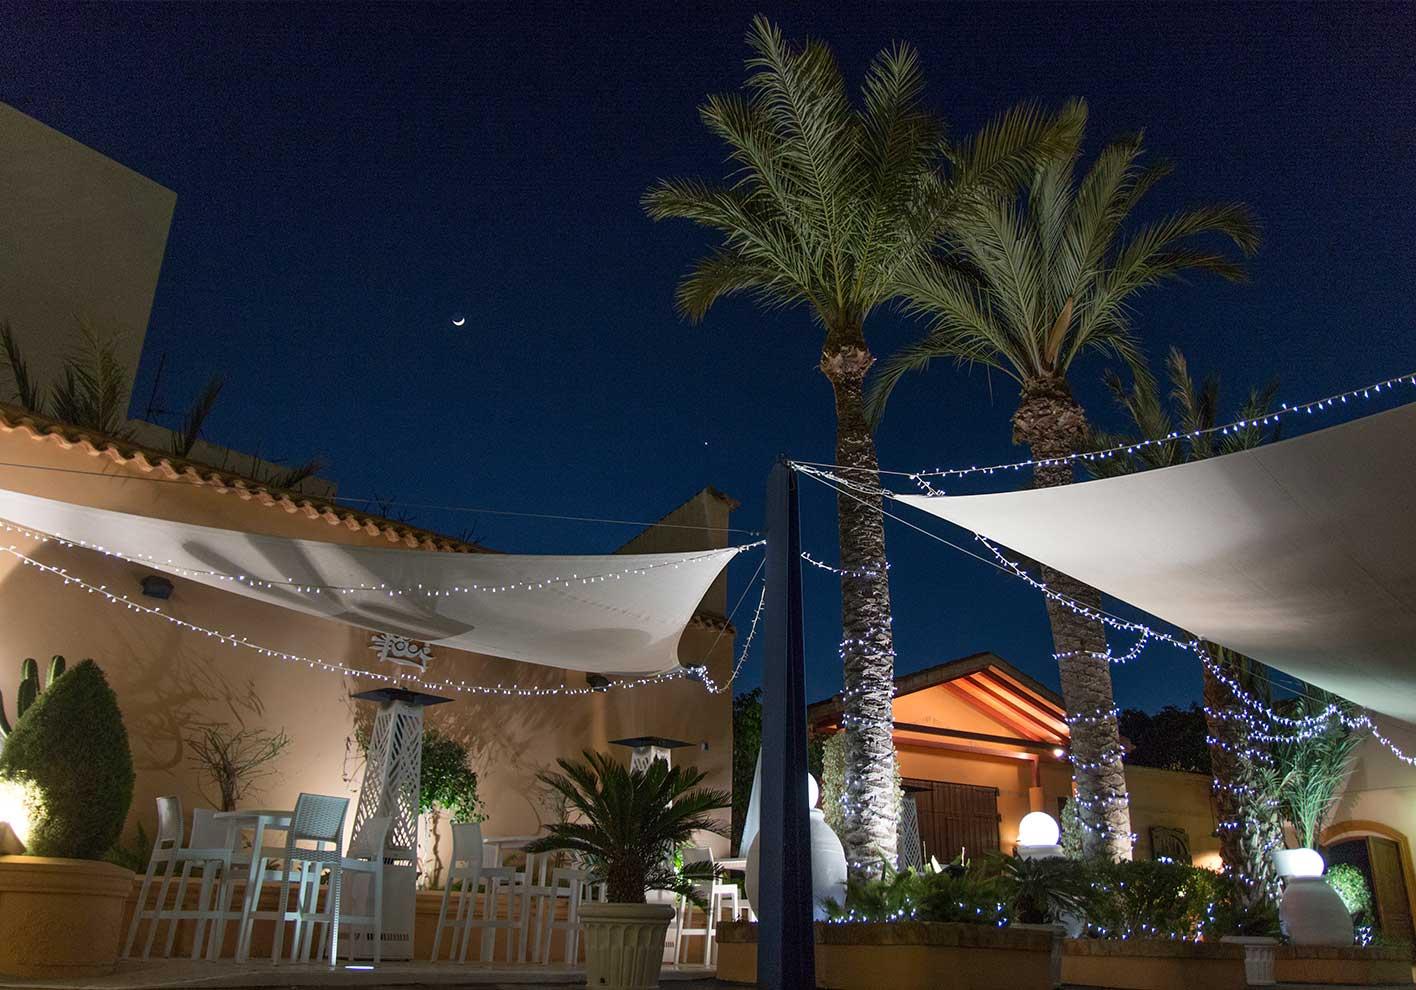 More Facilities Hotel Restaurante Terraza Carmona In Vera